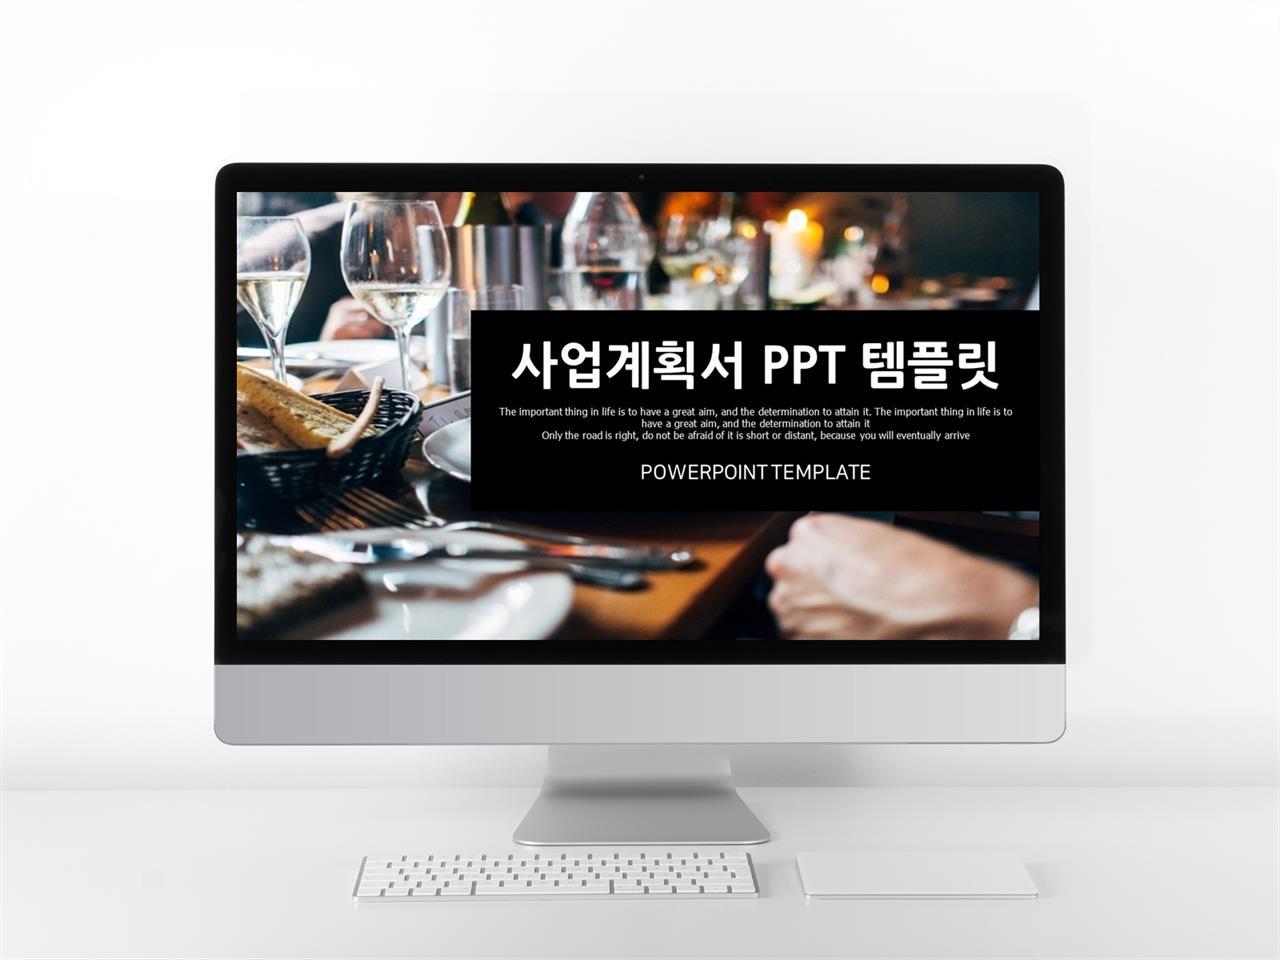 창업계획서 검정색 짙은 고급스럽운 피피티서식 사이트 미리보기